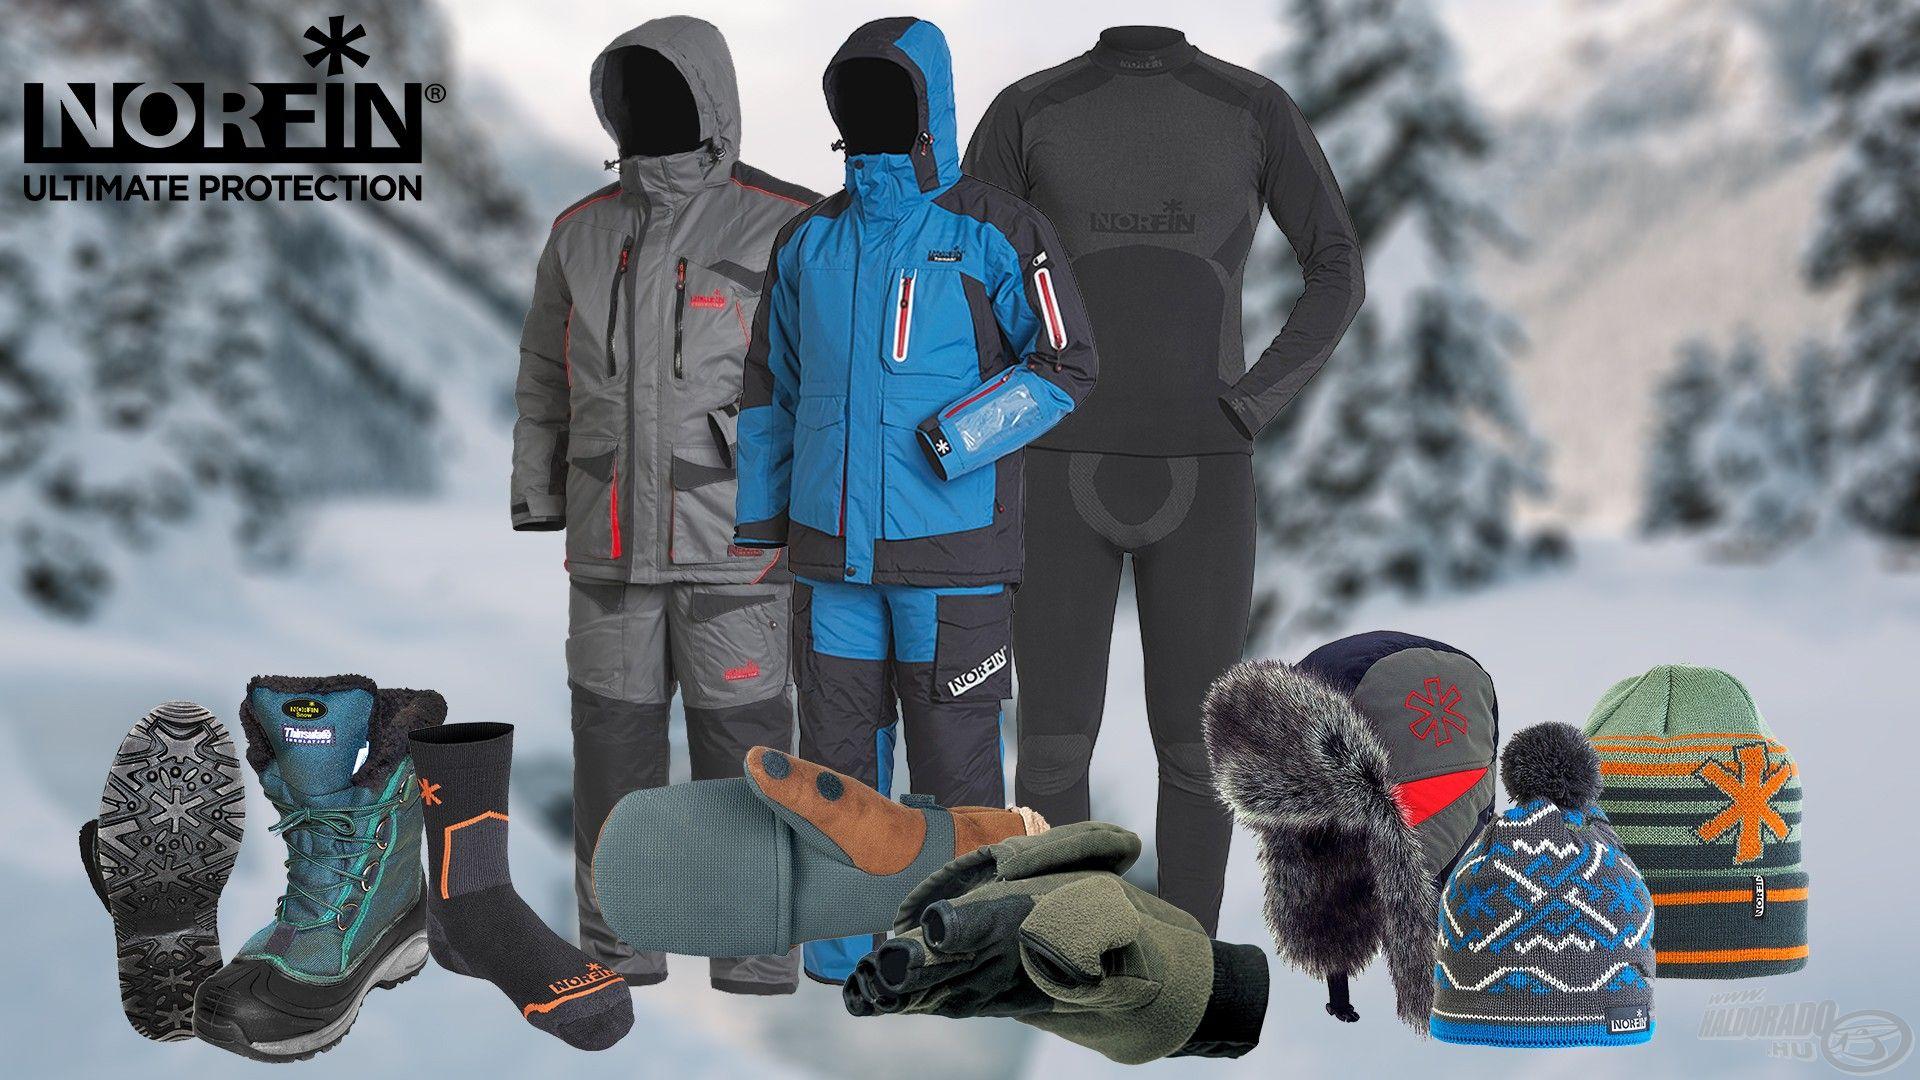 A Norfin márka speciálisan a horgászok, vadászok és túrázók ruházatára szakosodott, valamint elsődleges jellemzője, hogy mindig a legújabb és legmodernebb anyagok felhasználásával készít professzionális termékeket!